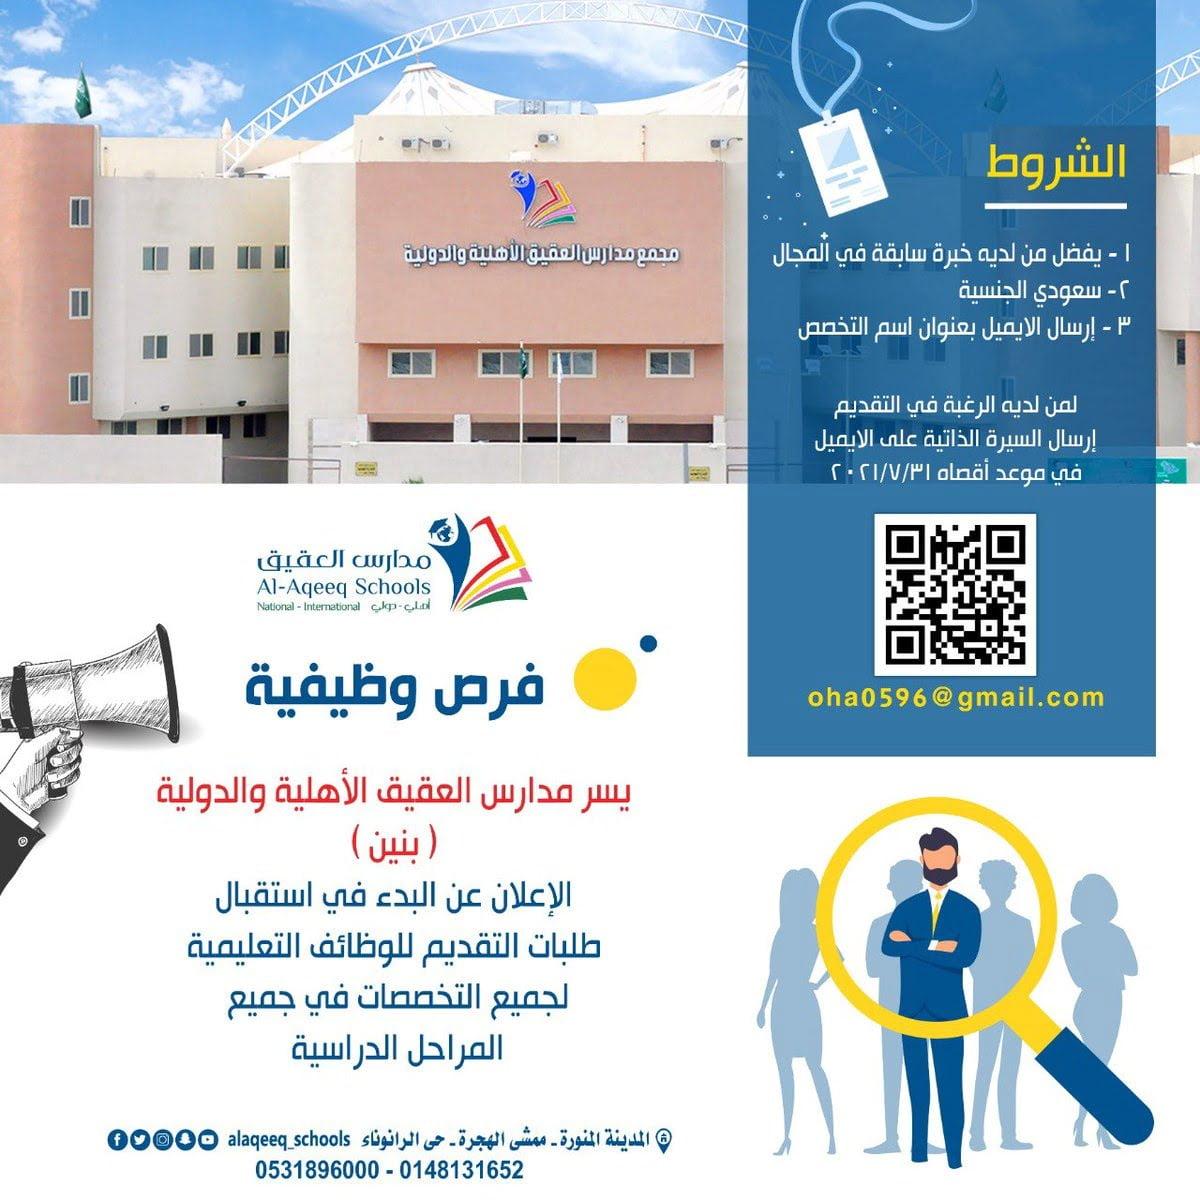 فتح باب التوظيف للوظائف التعليمية لدى مدارس العقيق الأهلية والدولية بالمدينة المنورة 3